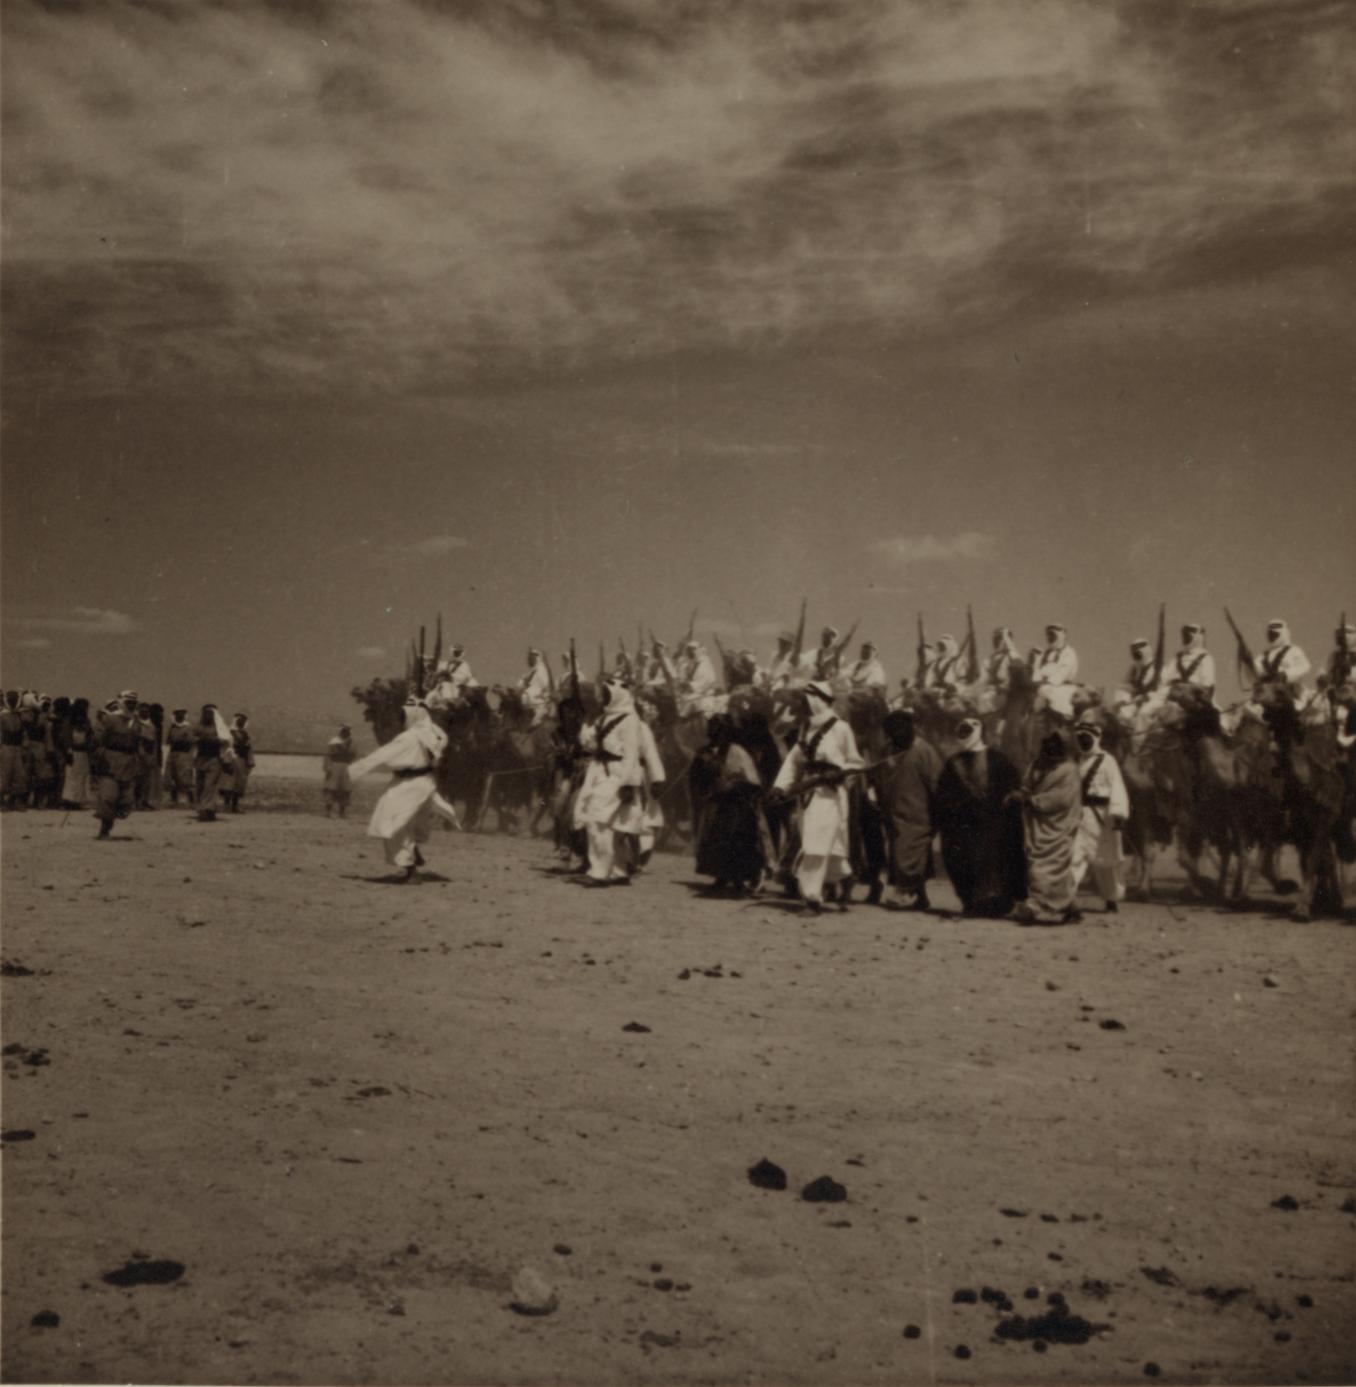 03. Свадьба бедуинов. Патруль возвращает невесту и захватывает похитителей